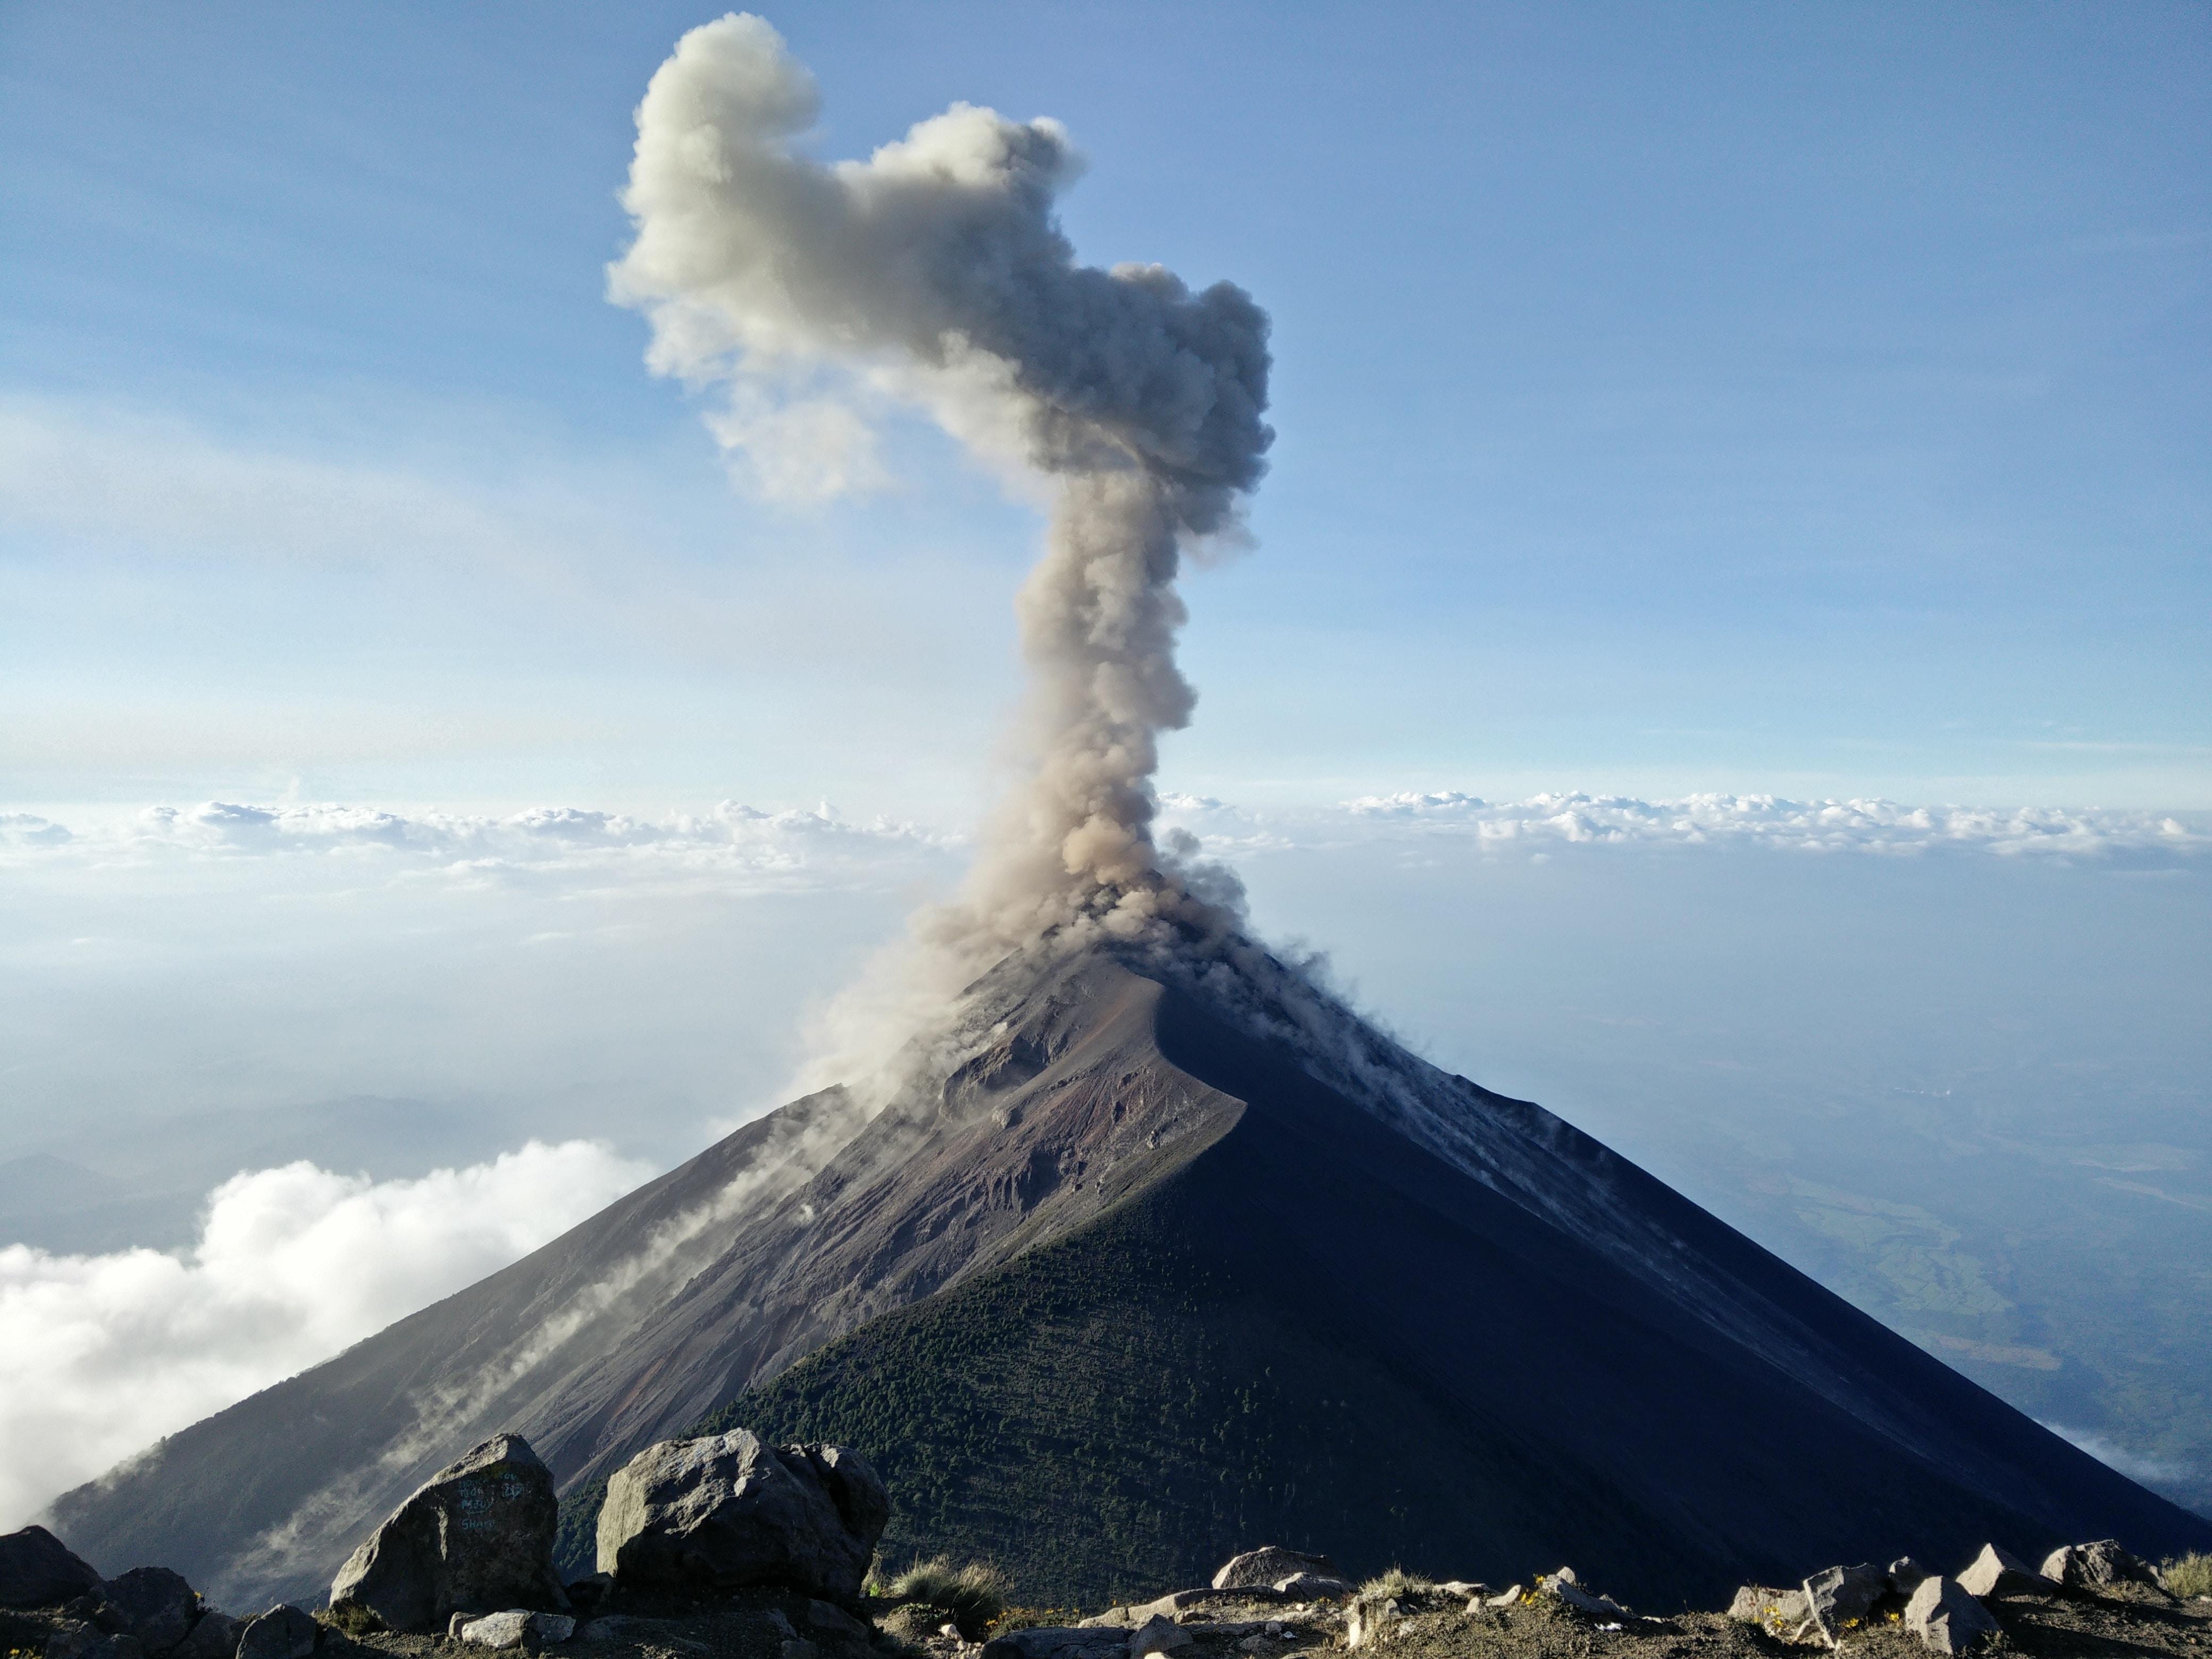 Death toll still rising from Guatemala volcano blasts